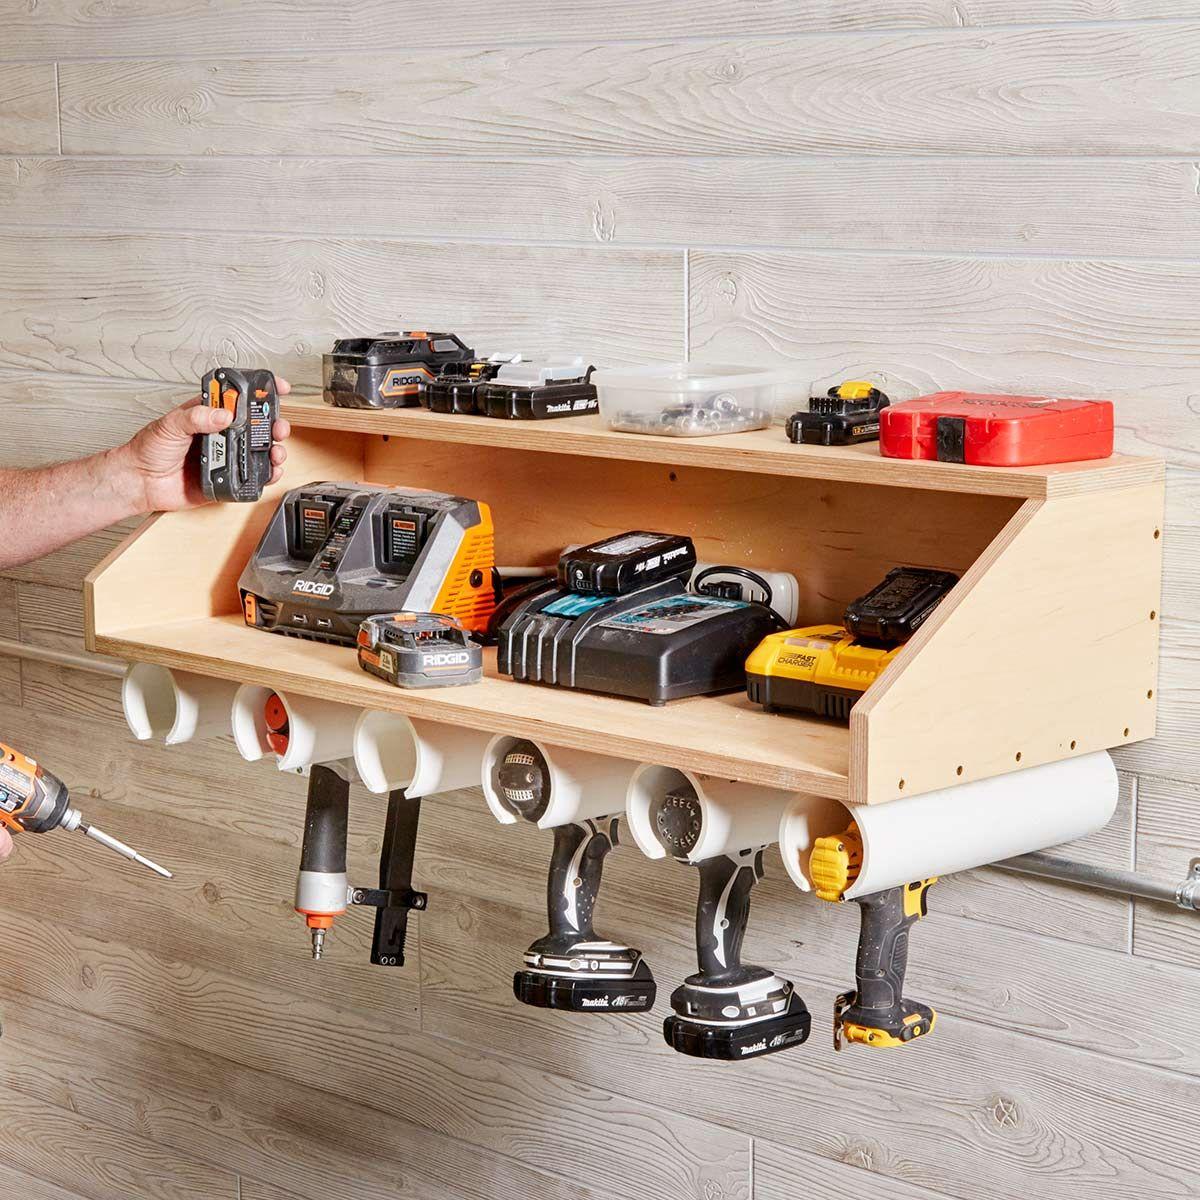 diy drill dock diy garage storage garage tool storage on best garage organization and storage hacks ideas start for organizing your garage id=36270